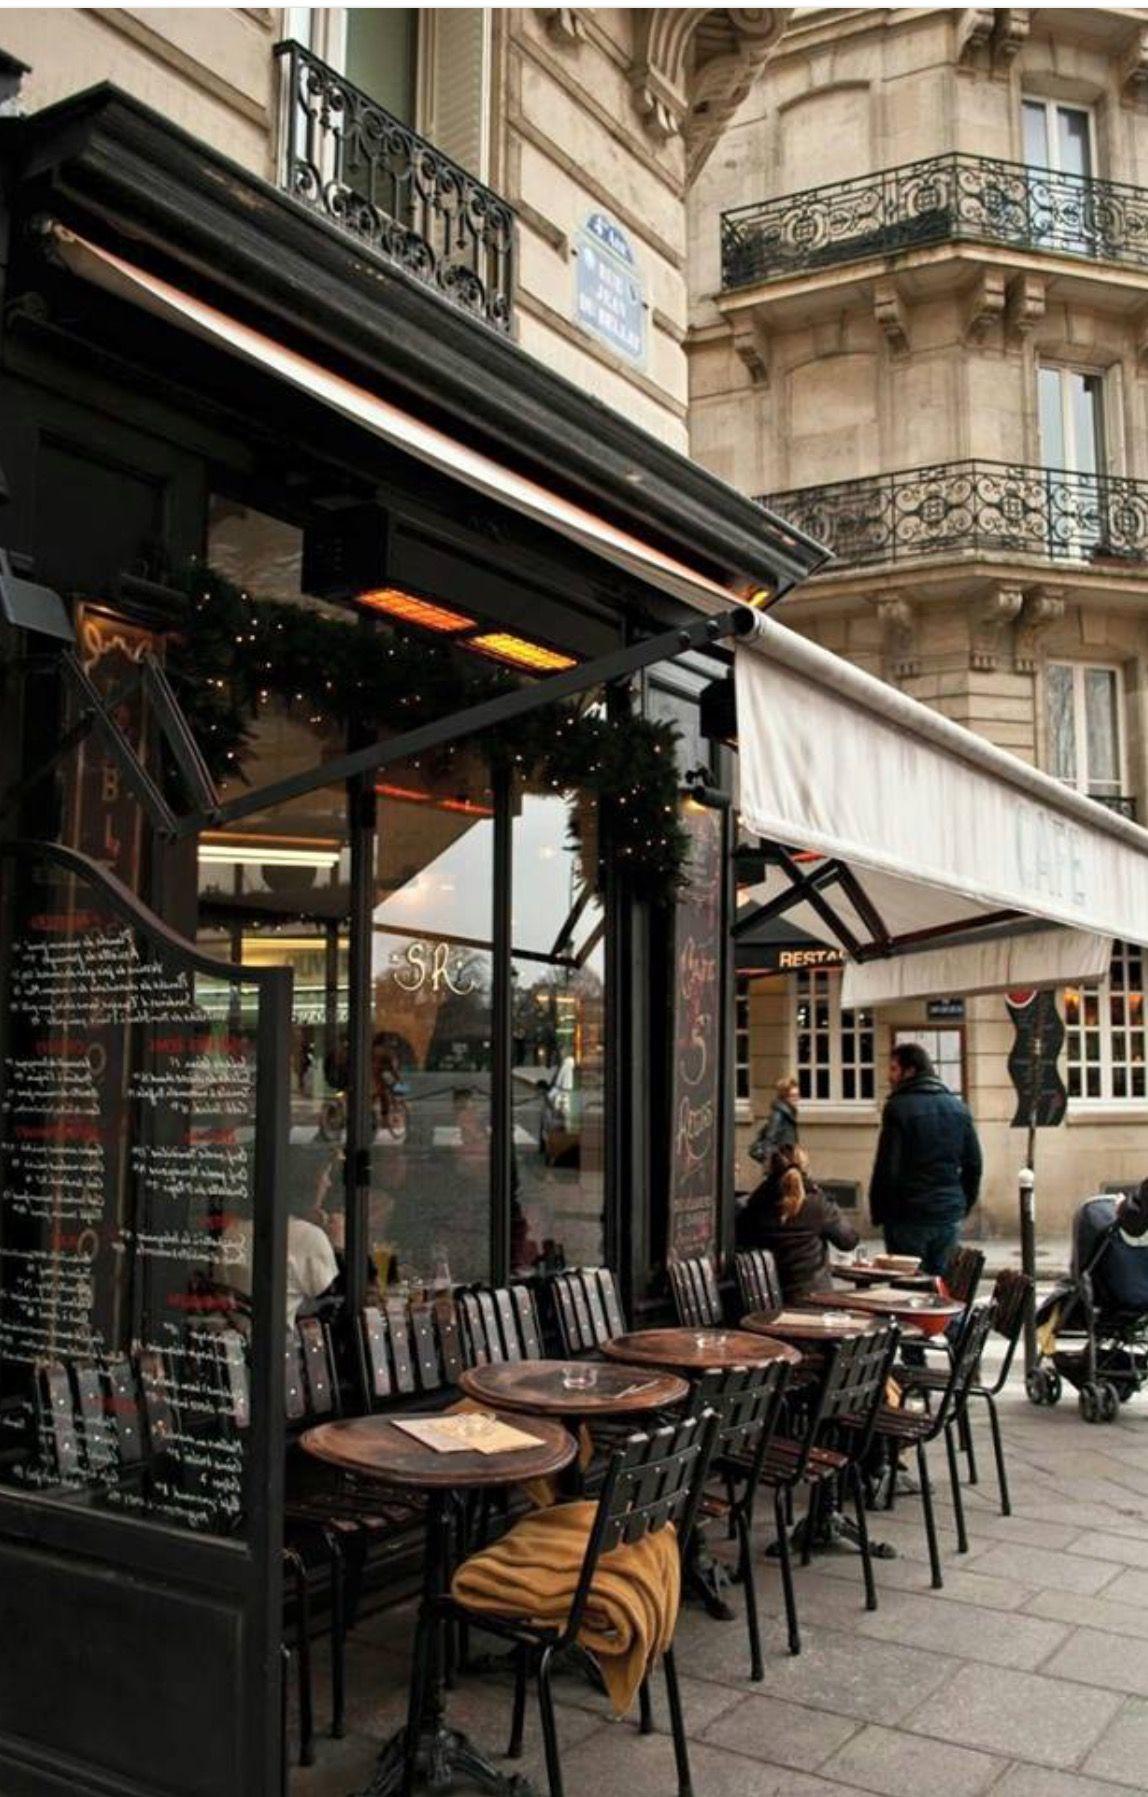 Pin By Kyle Cave On Paris Ooh La La Paris Cafe Parisian Cafe Sidewalk Cafe